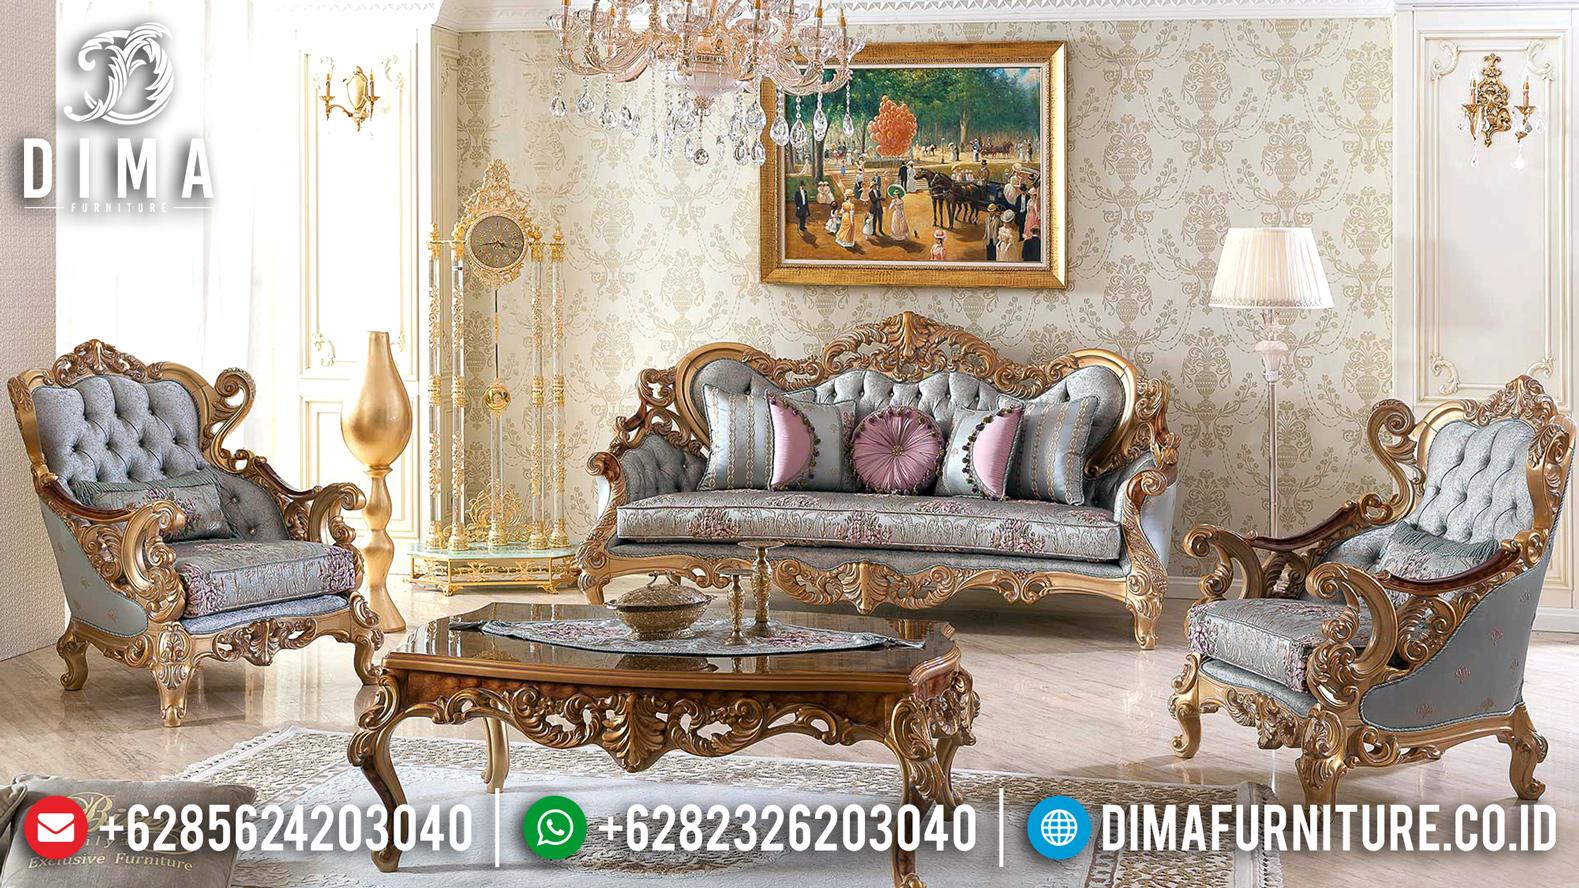 Harga Sofa Tamu Ukiran Mewah Tipe Luxury Classic Mebel Jepara MMJ-0473